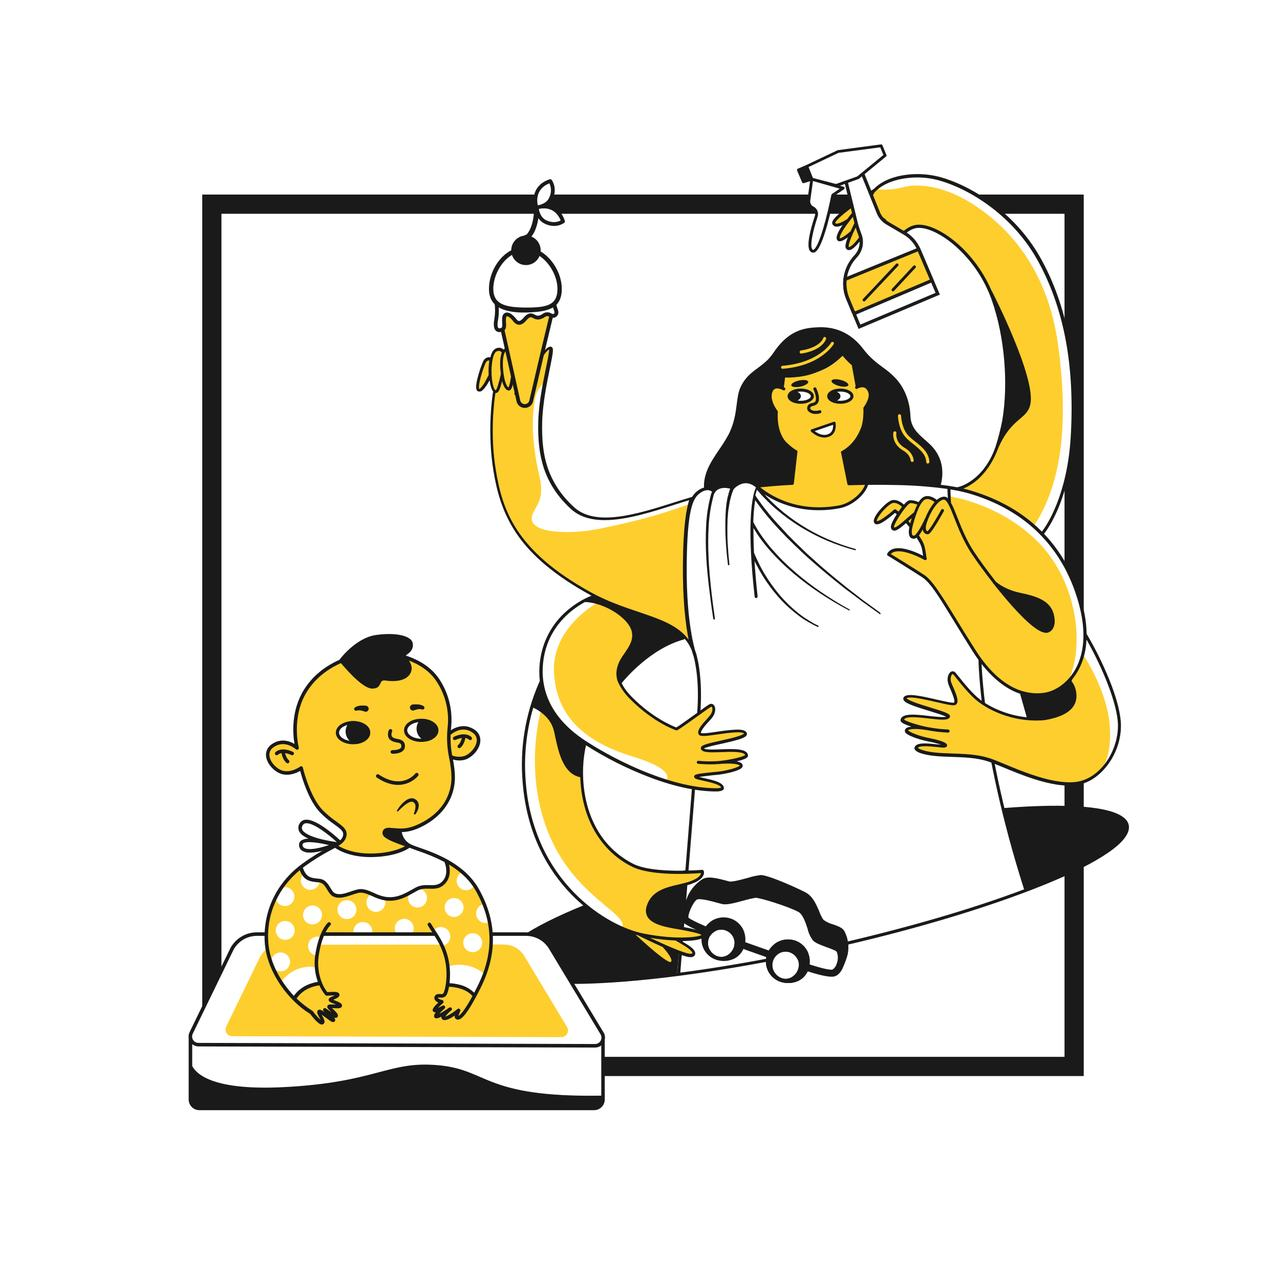 birden fazla kolu olan, elinde dondurma ve temizlik spreyi tutan anne ve önünde mama sandalyesinde oturan bebeği